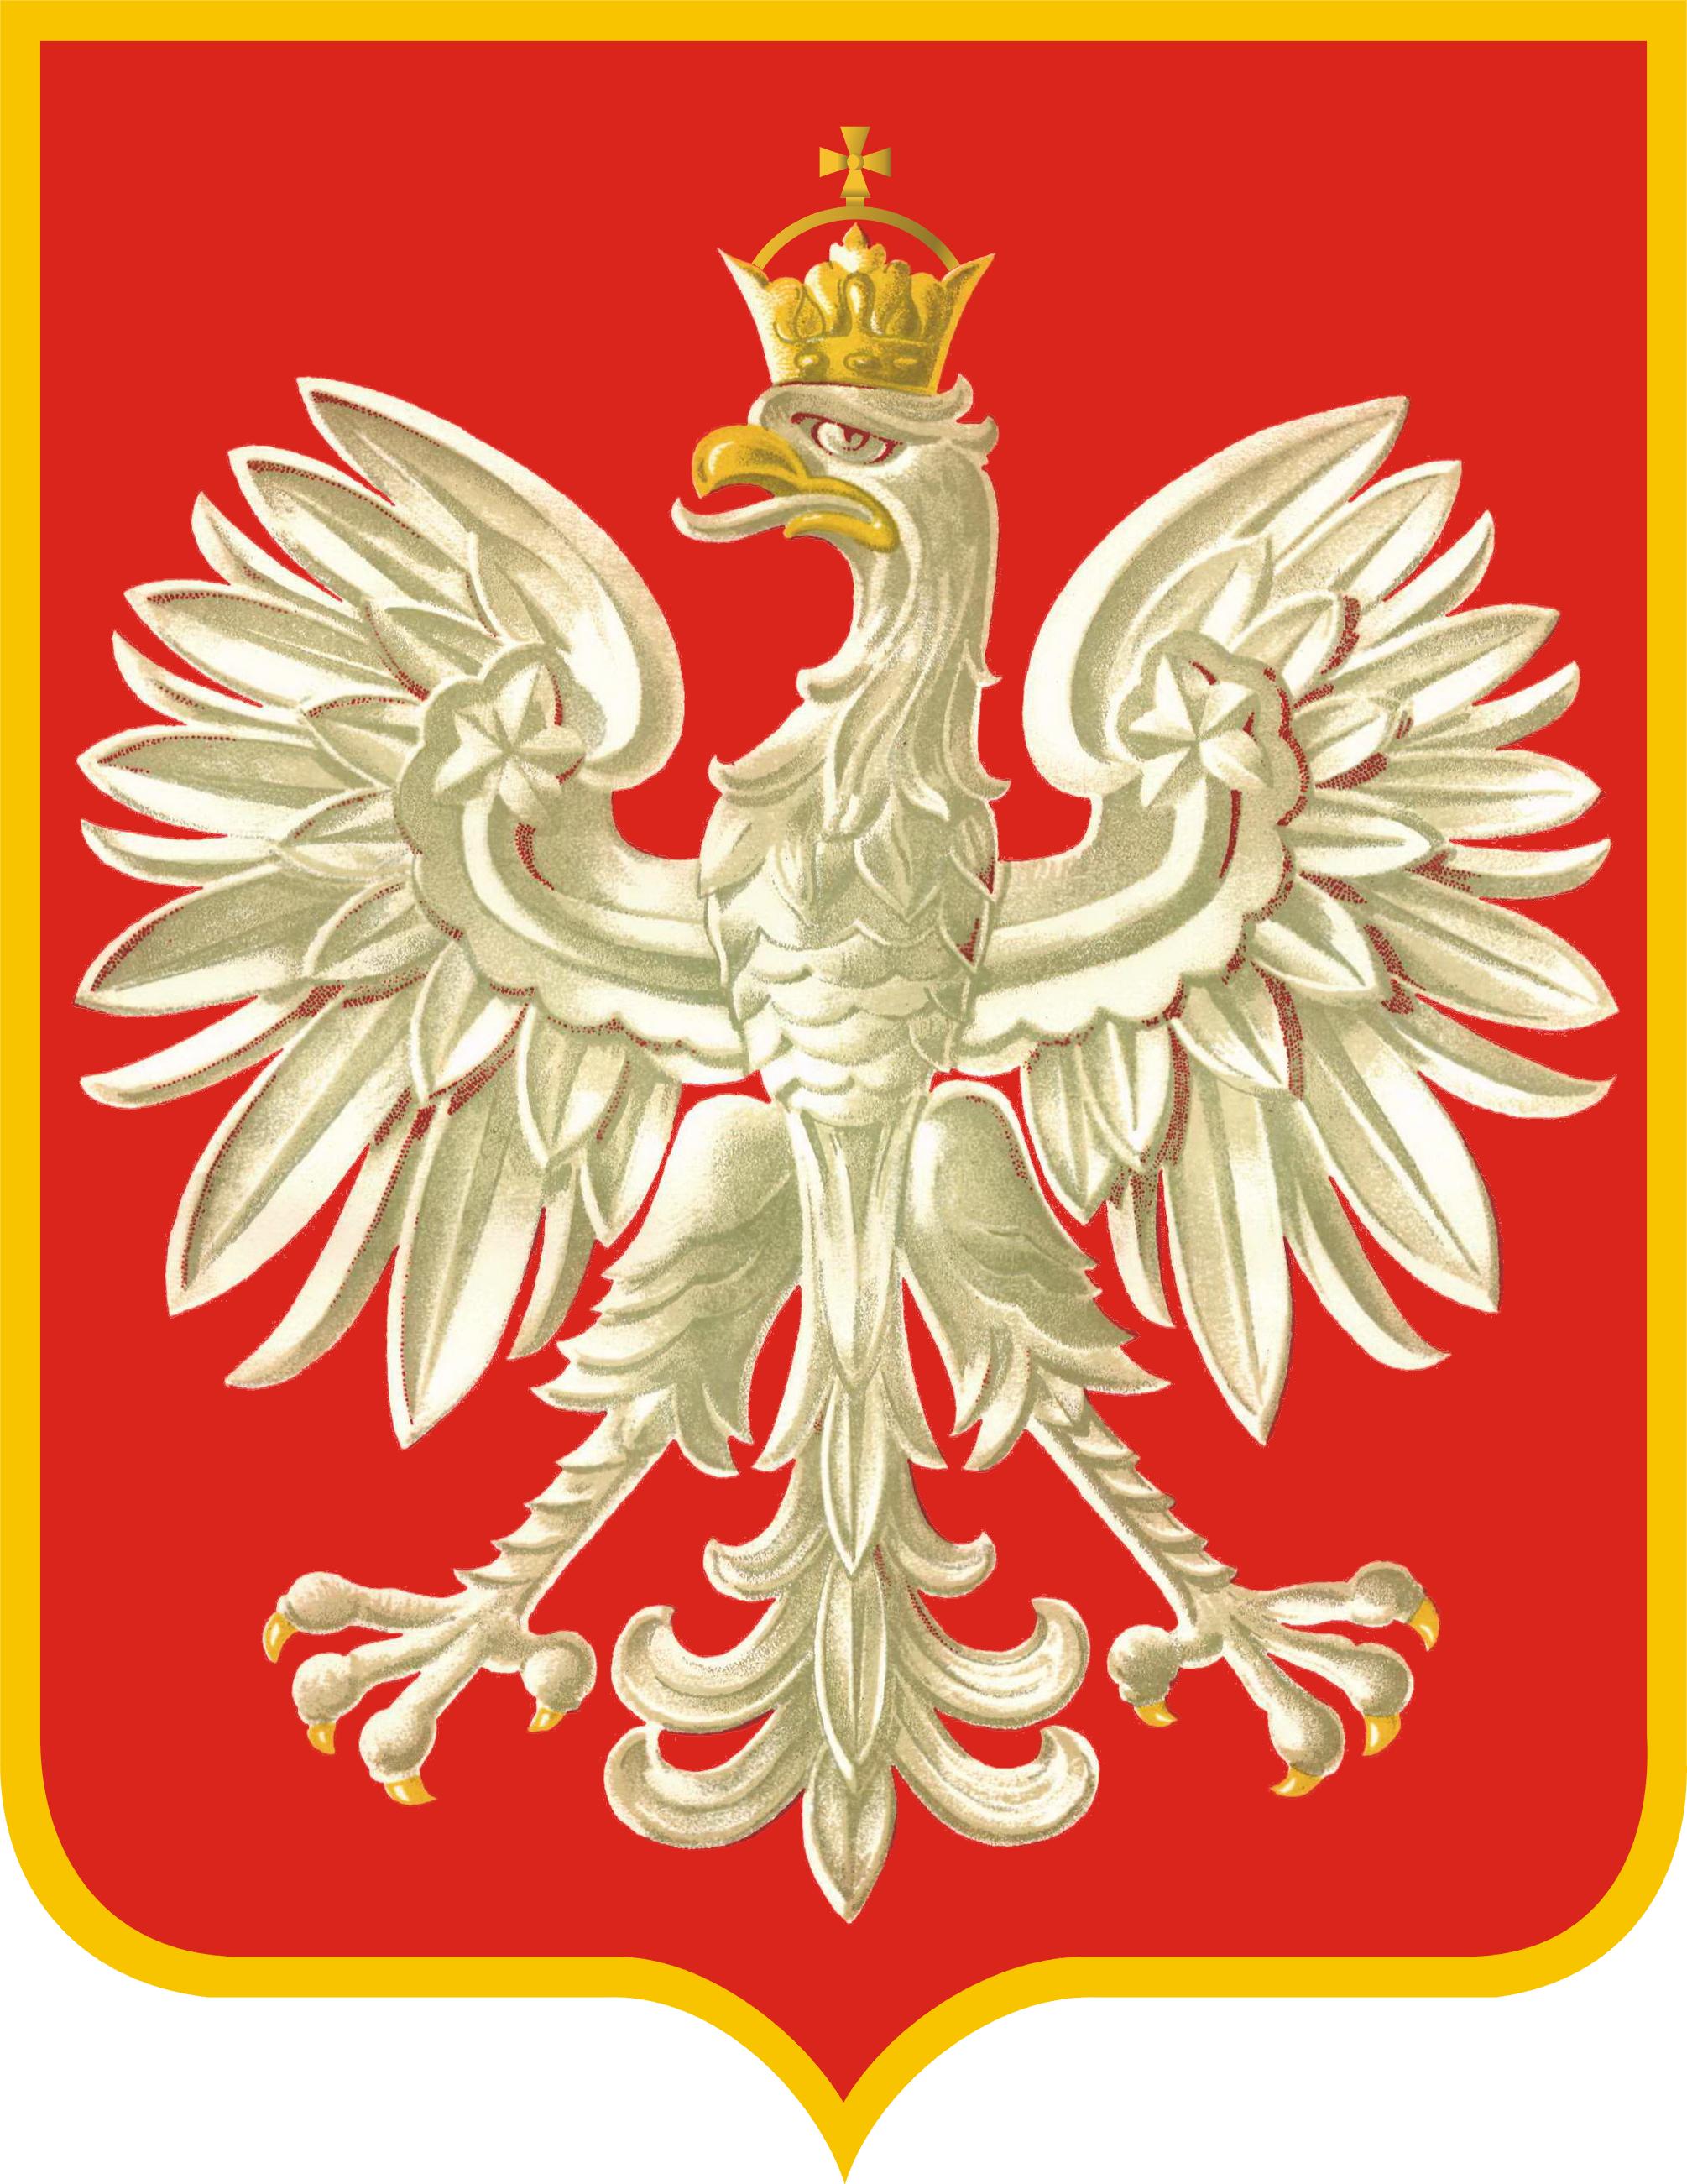 Herb_Rzeczypospolitej_Polskiej_(1956_-_1990).png (2010×2602)